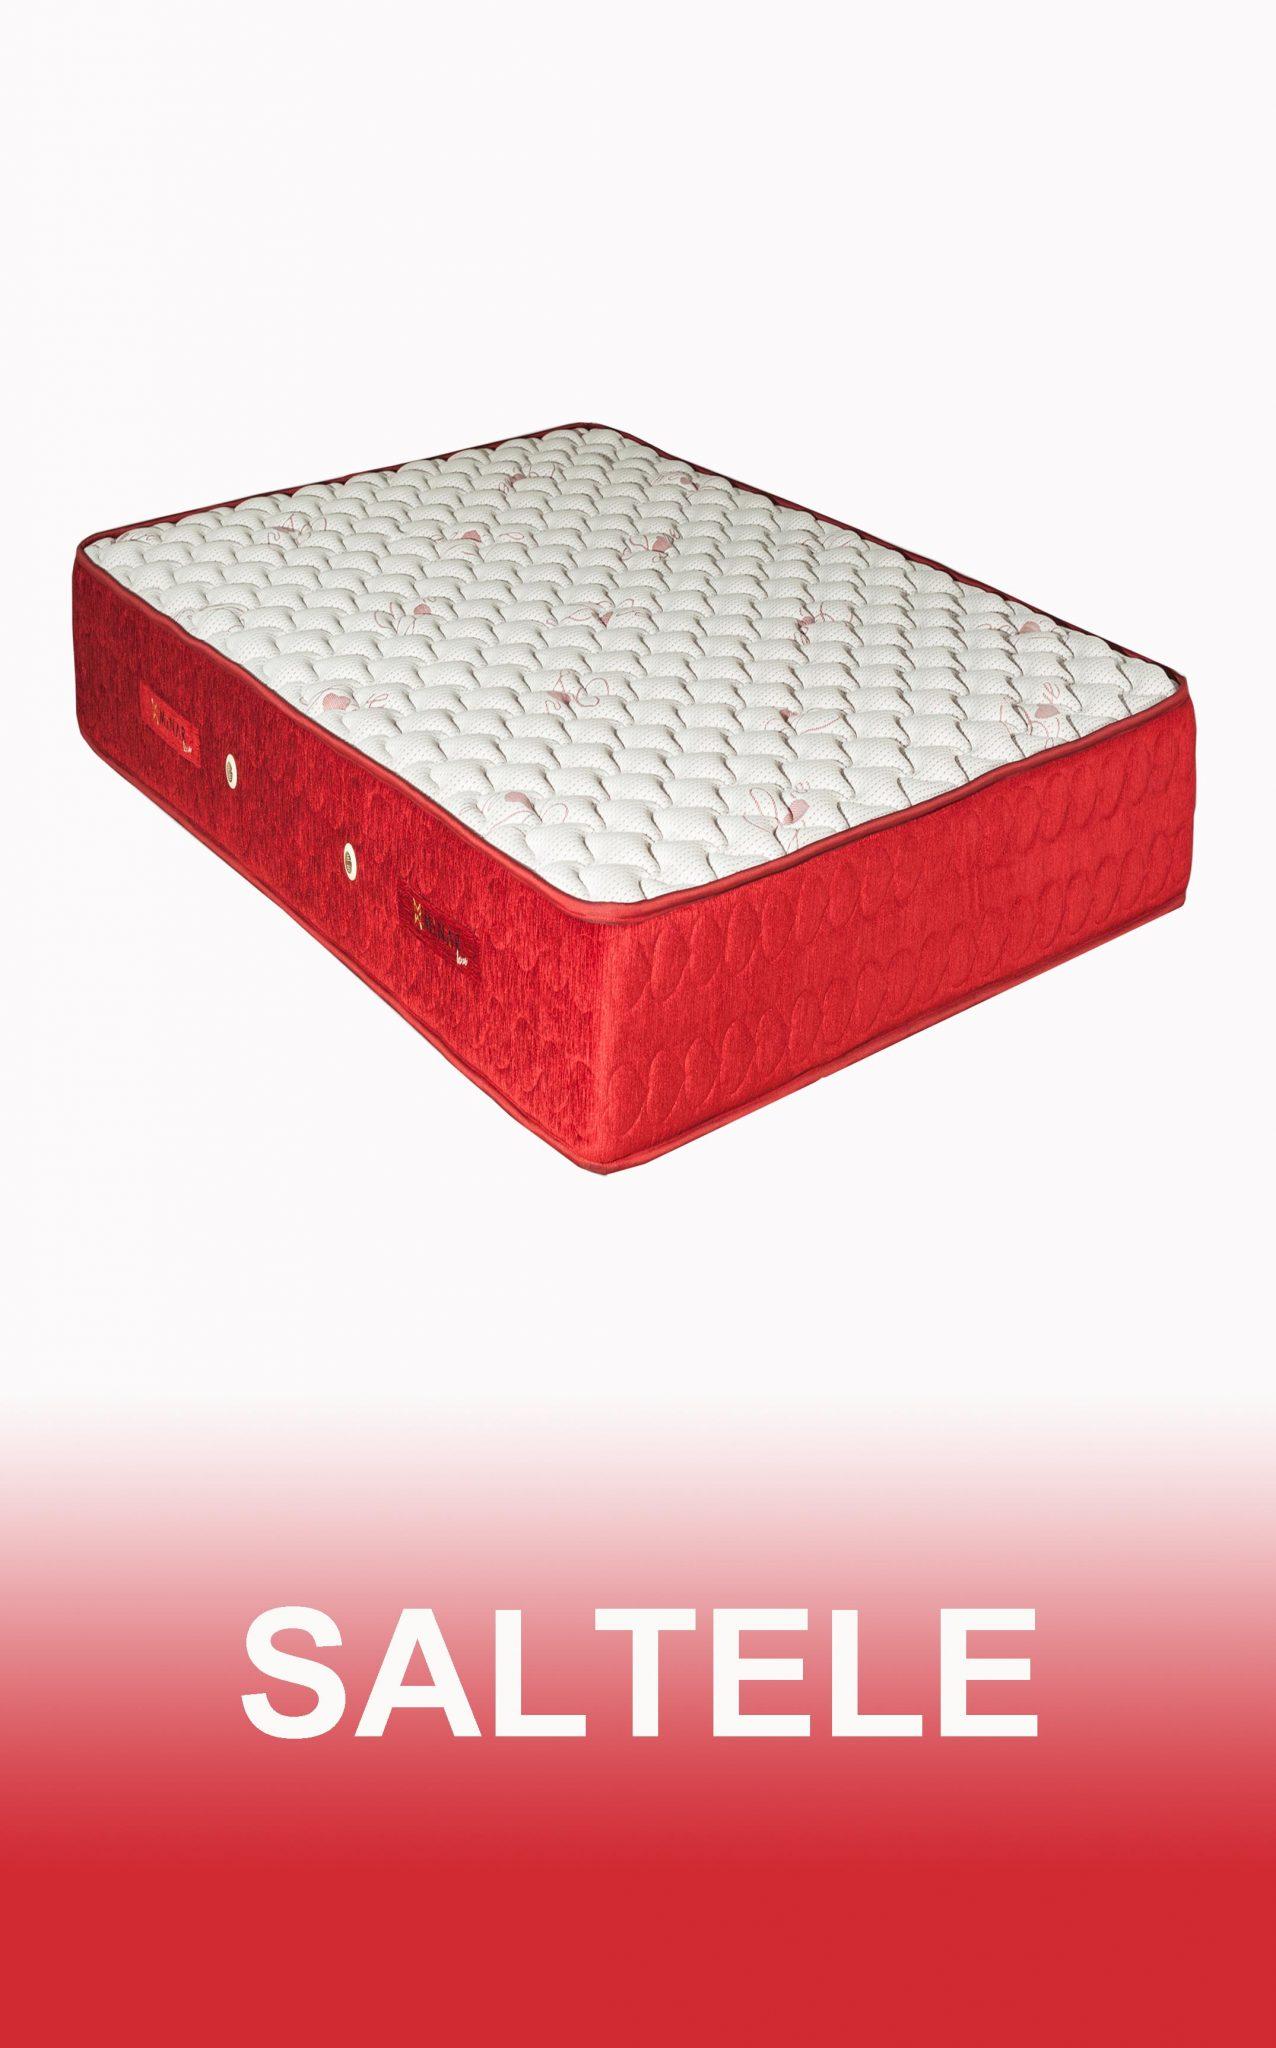 banner SALTELE 215x 345